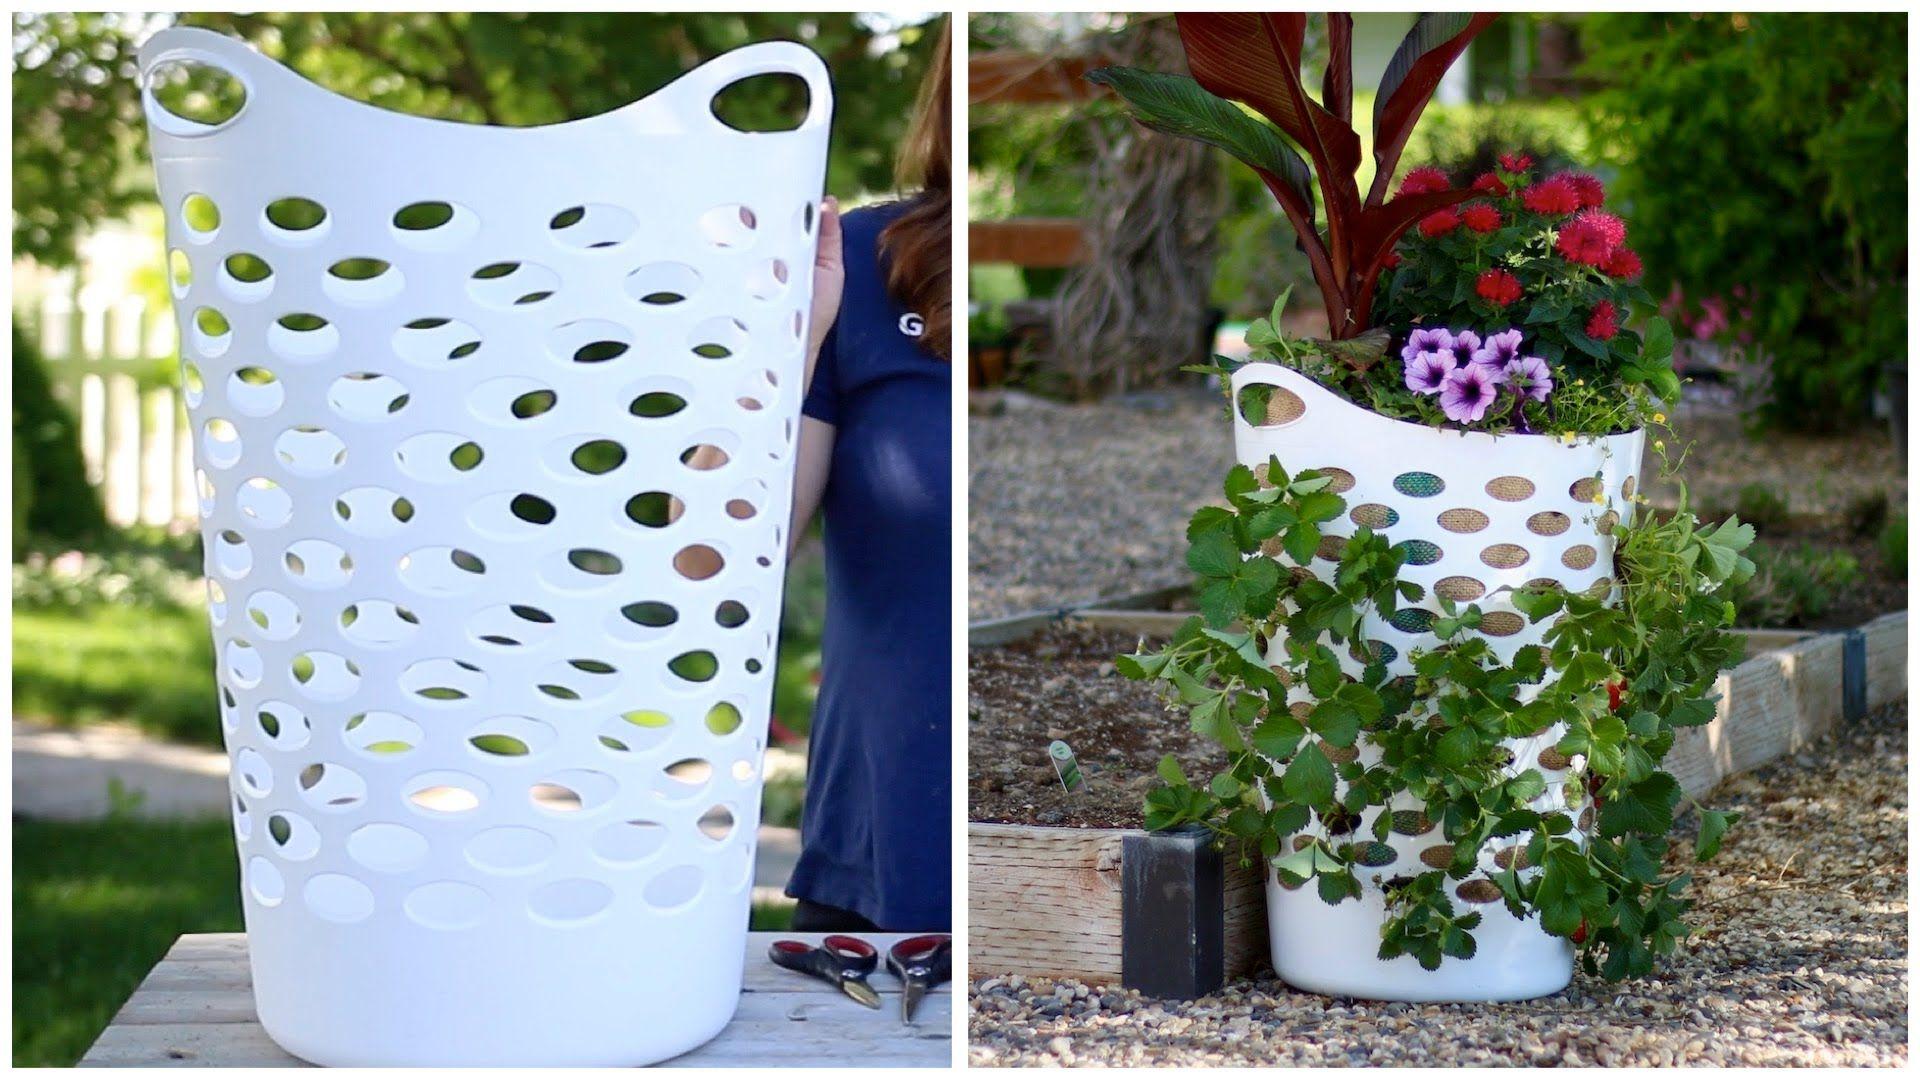 12 Diy Vertical Strawberry Garden Ideas Strawberry 640 x 480